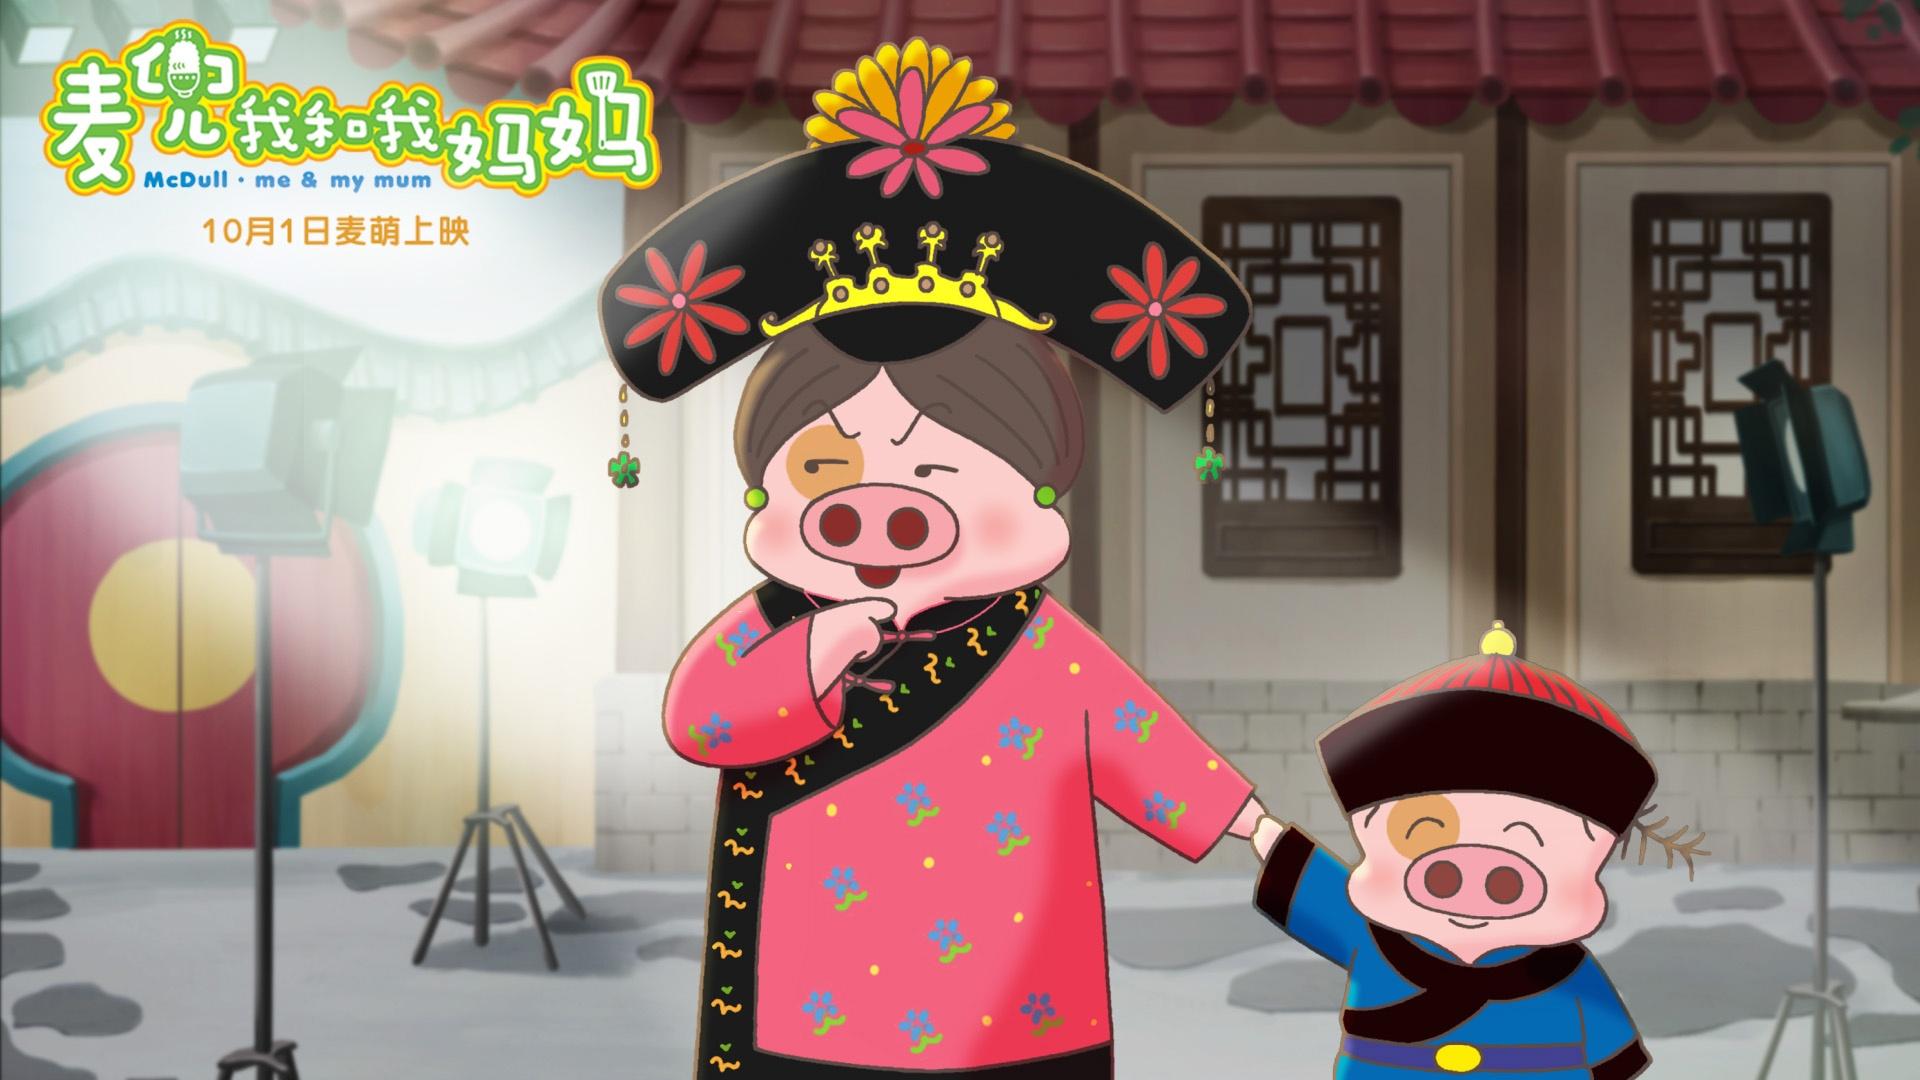 麦兜我和我妈妈_电影剧照_图集_电影网_1905.com